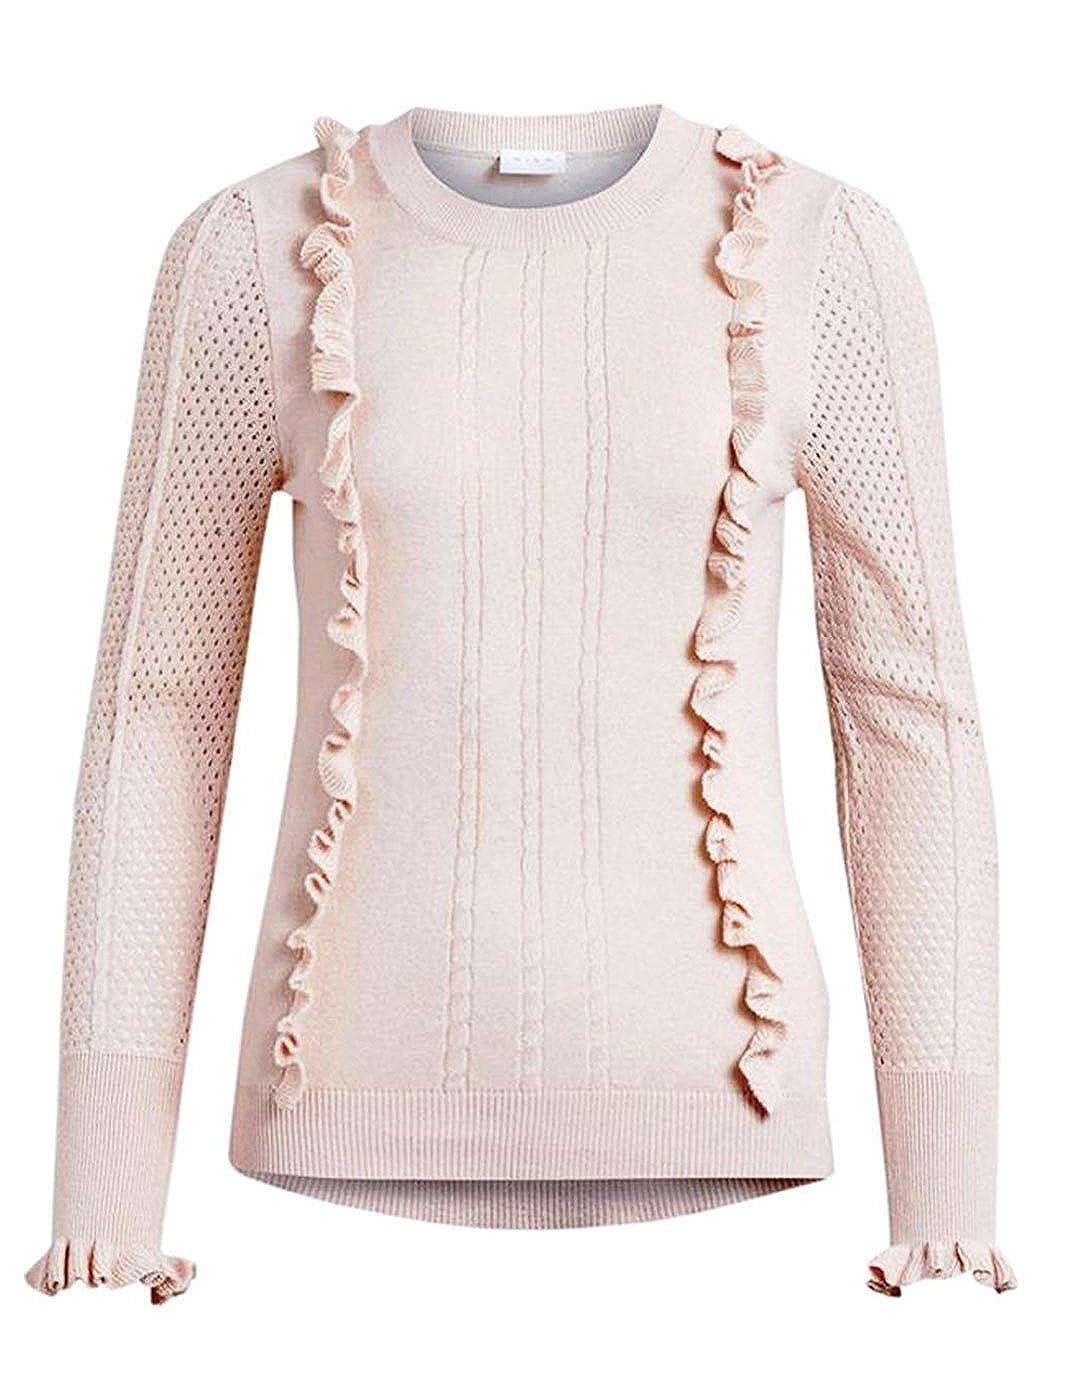 TALLA XL. Vila Vitilli L/S Knit Top/PB suéter para Mujer